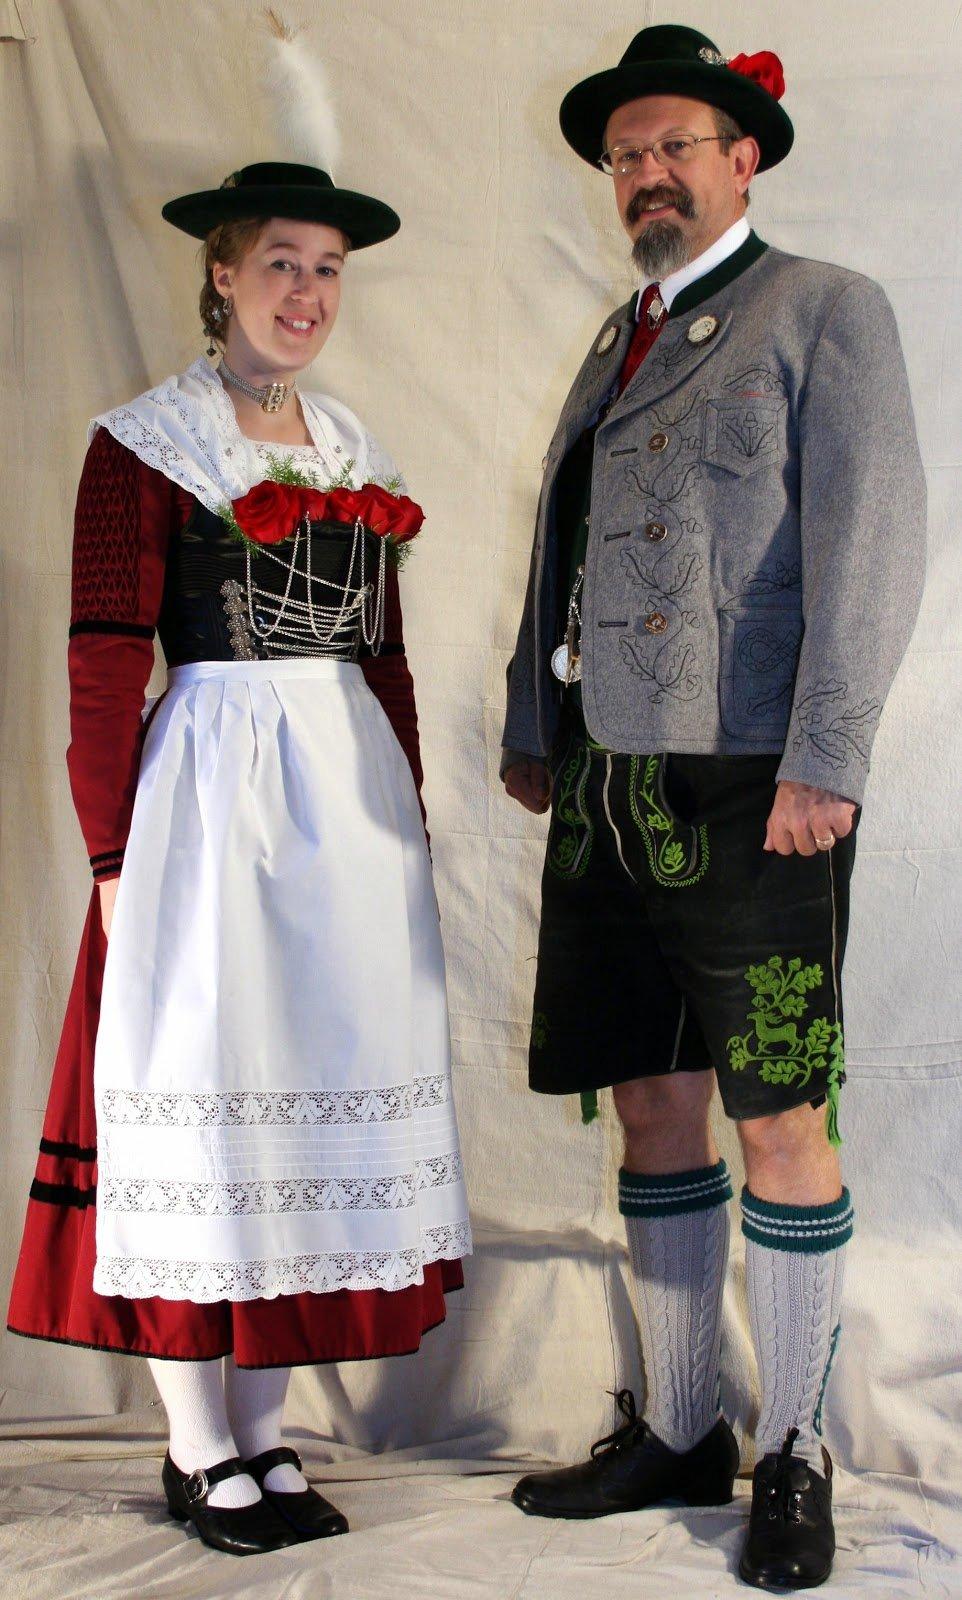 продавцы картинки национального немецкого костюма надеясь